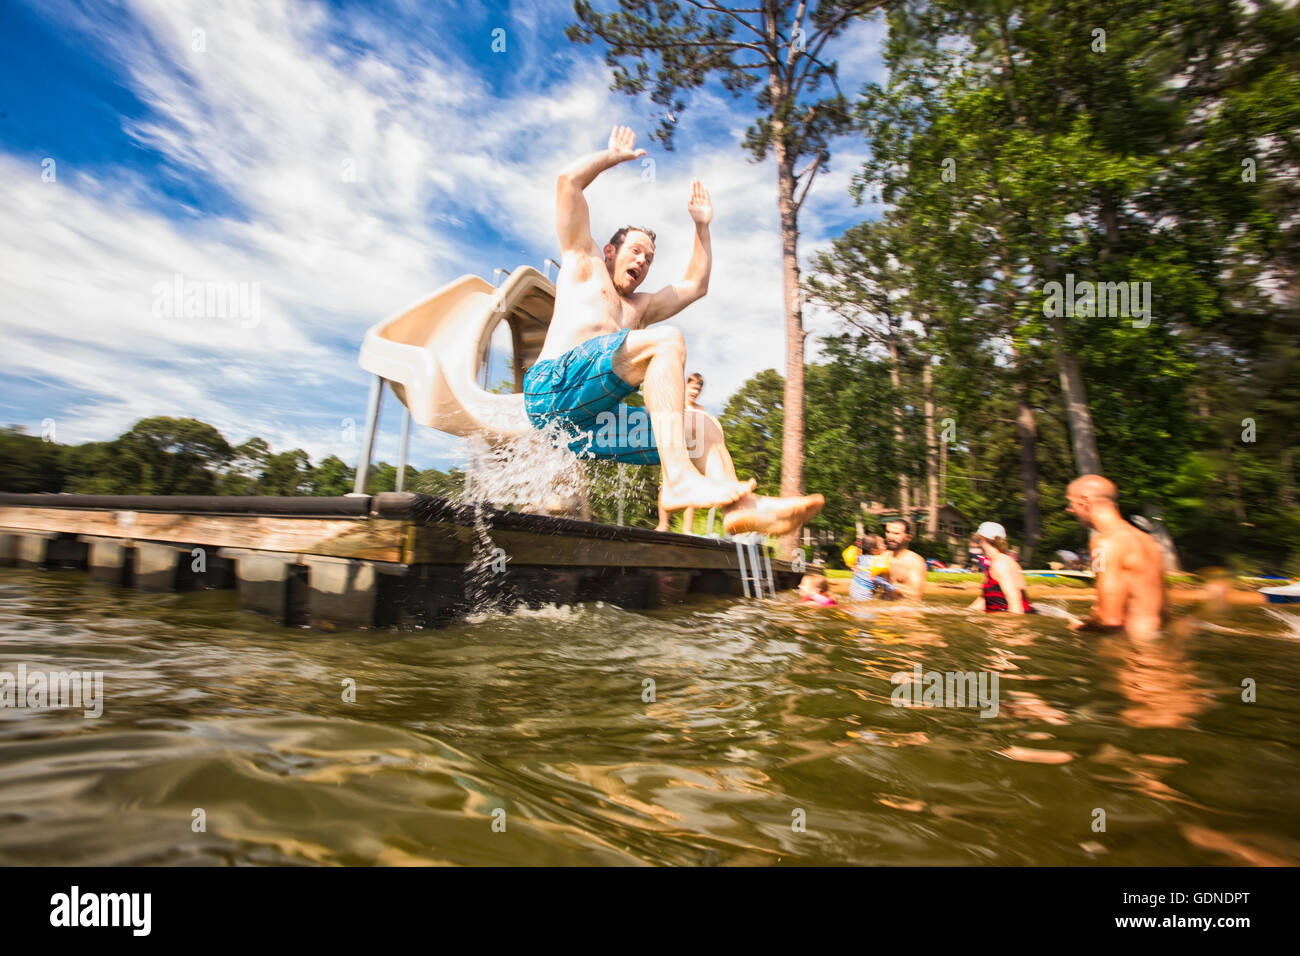 Man jumping from pier slide at Jackson Lake, Georgia, USA - Stock Image